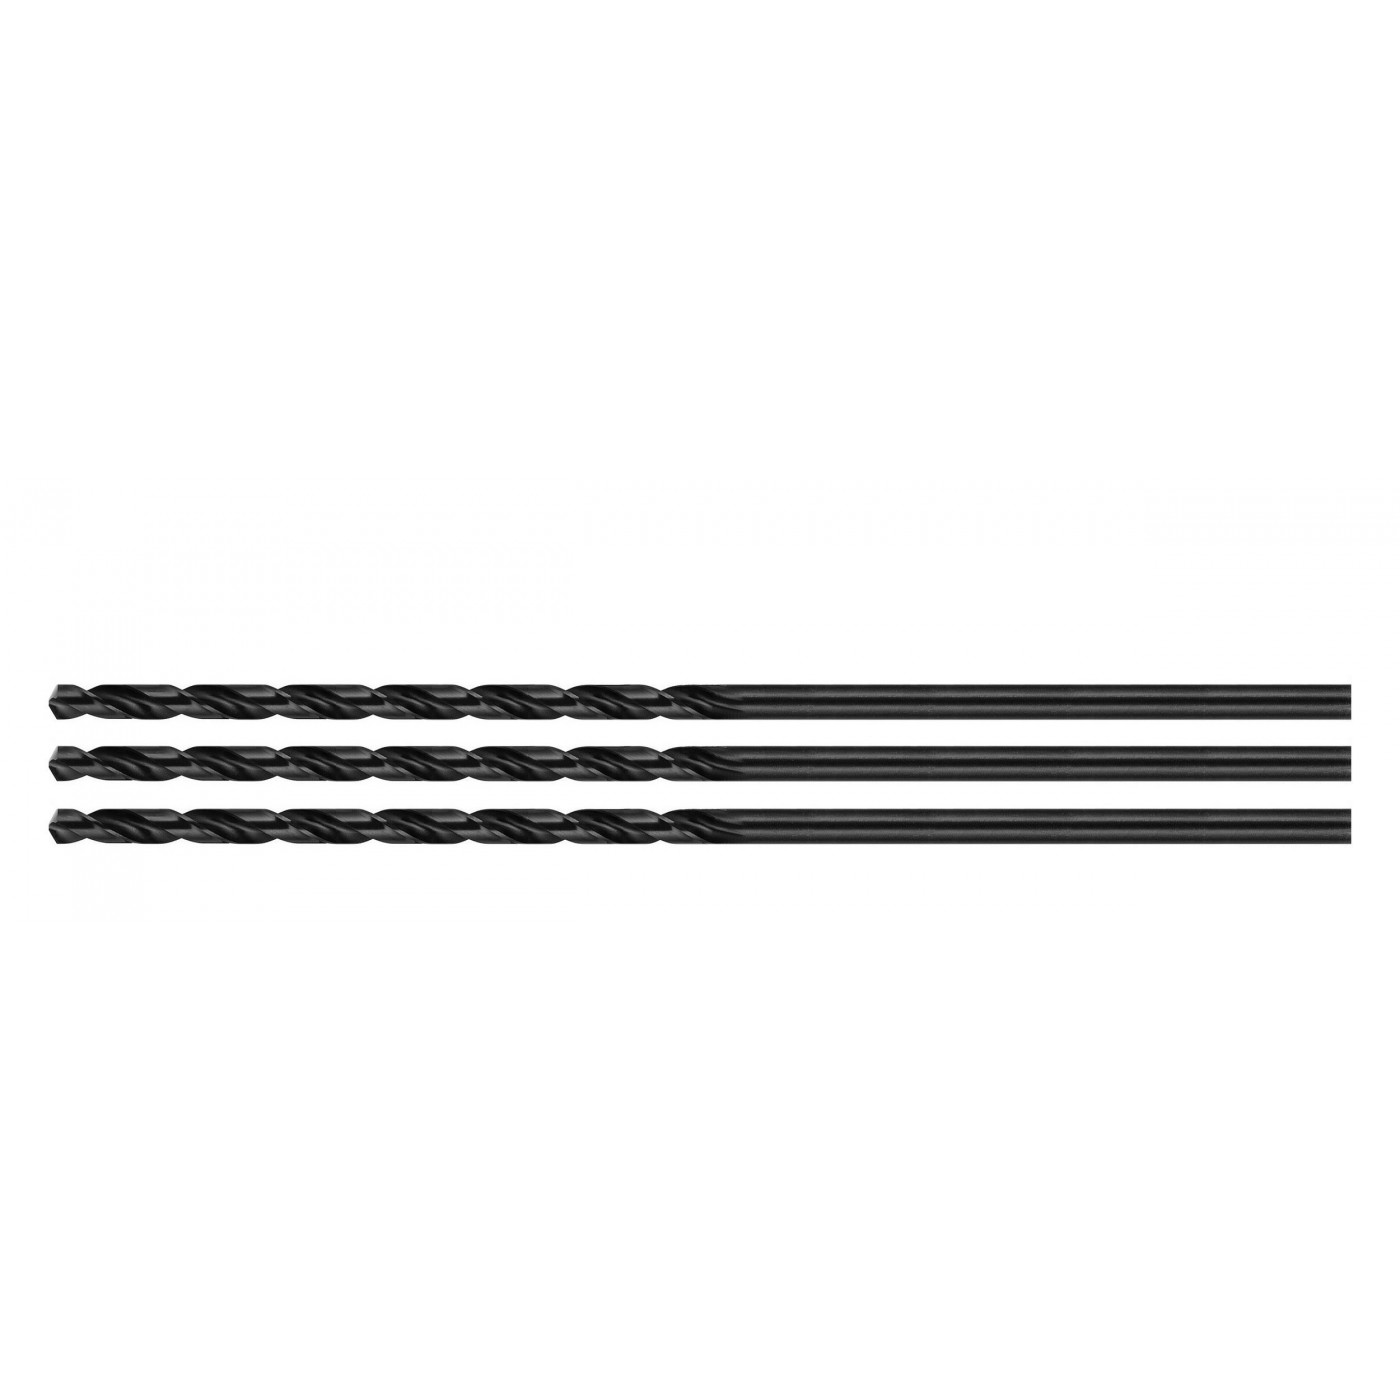 Conjunto de 3 brocas de metal, extra-longas (5,5x350 mm)  - 1